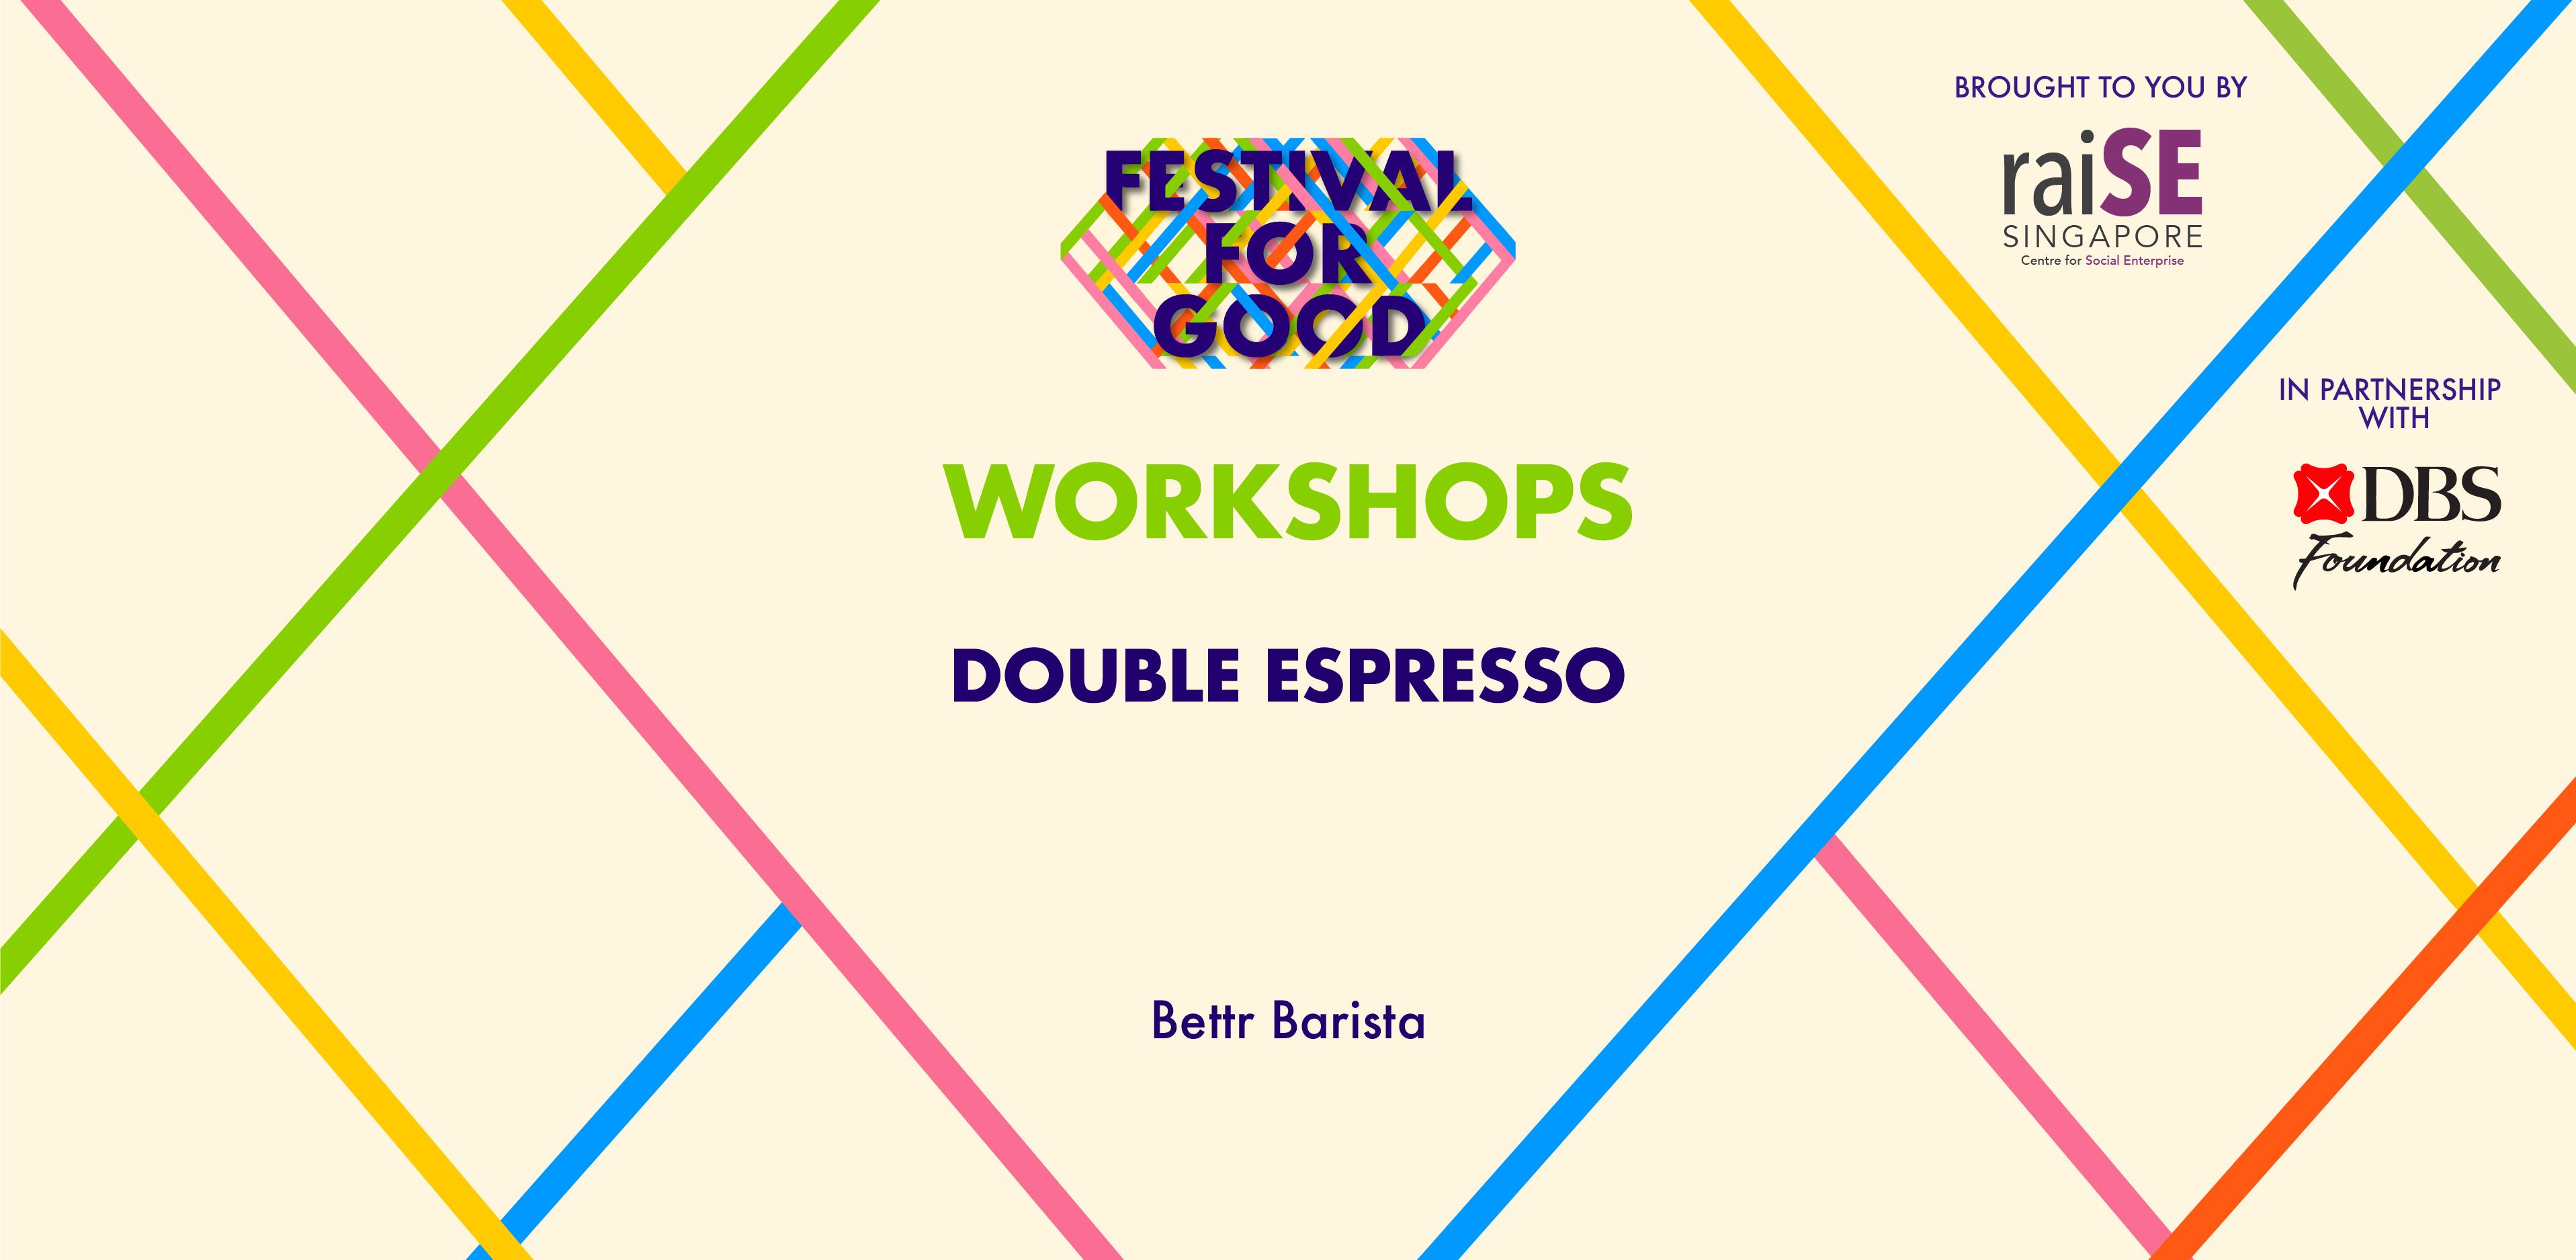 bettr-barista-workshop_0_87016300_1603113918 Events